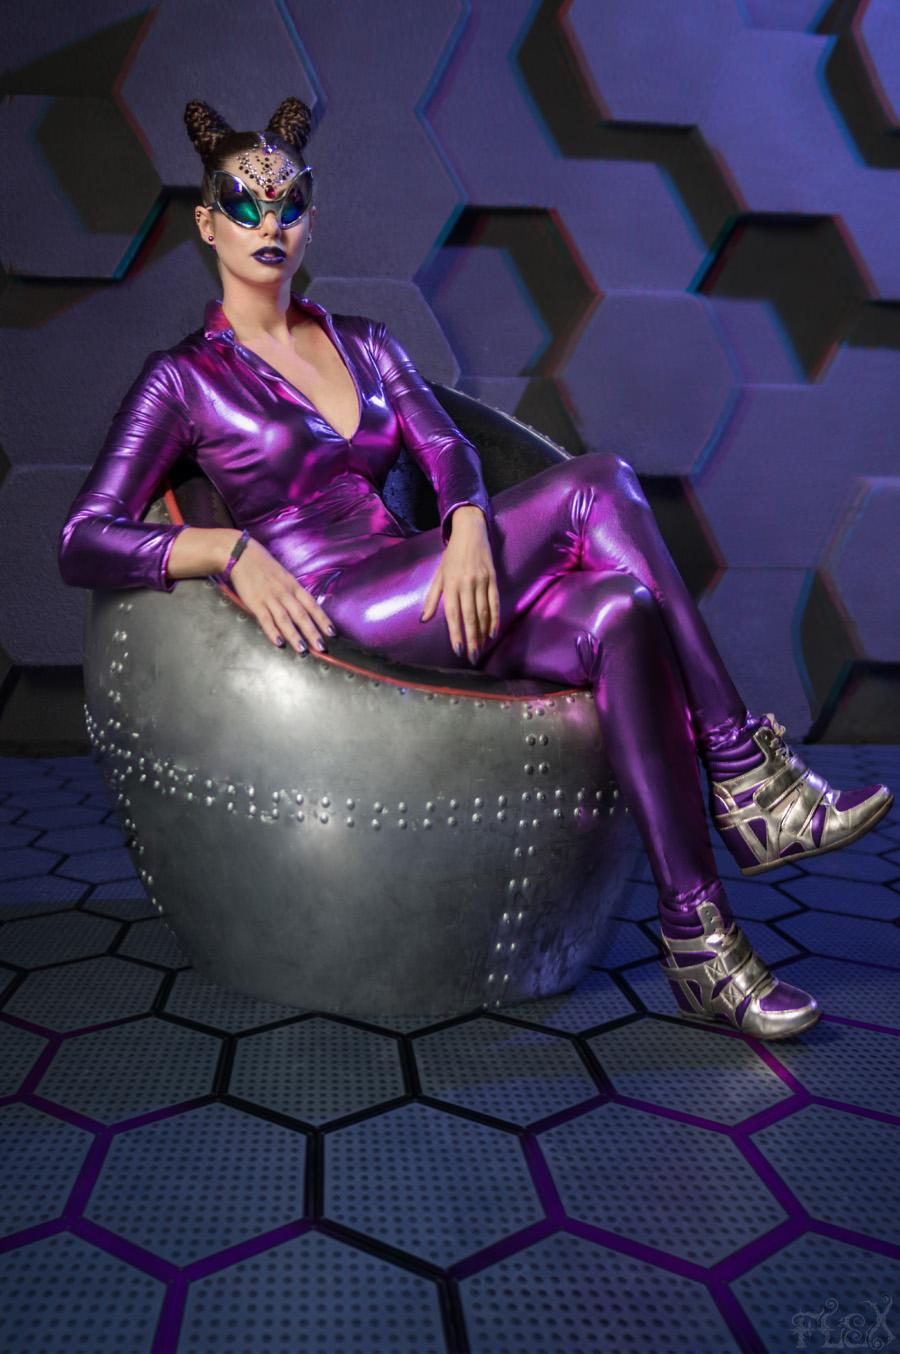 Певица Атмосфера - Ольга Бутусова: Galaxy галактические фото